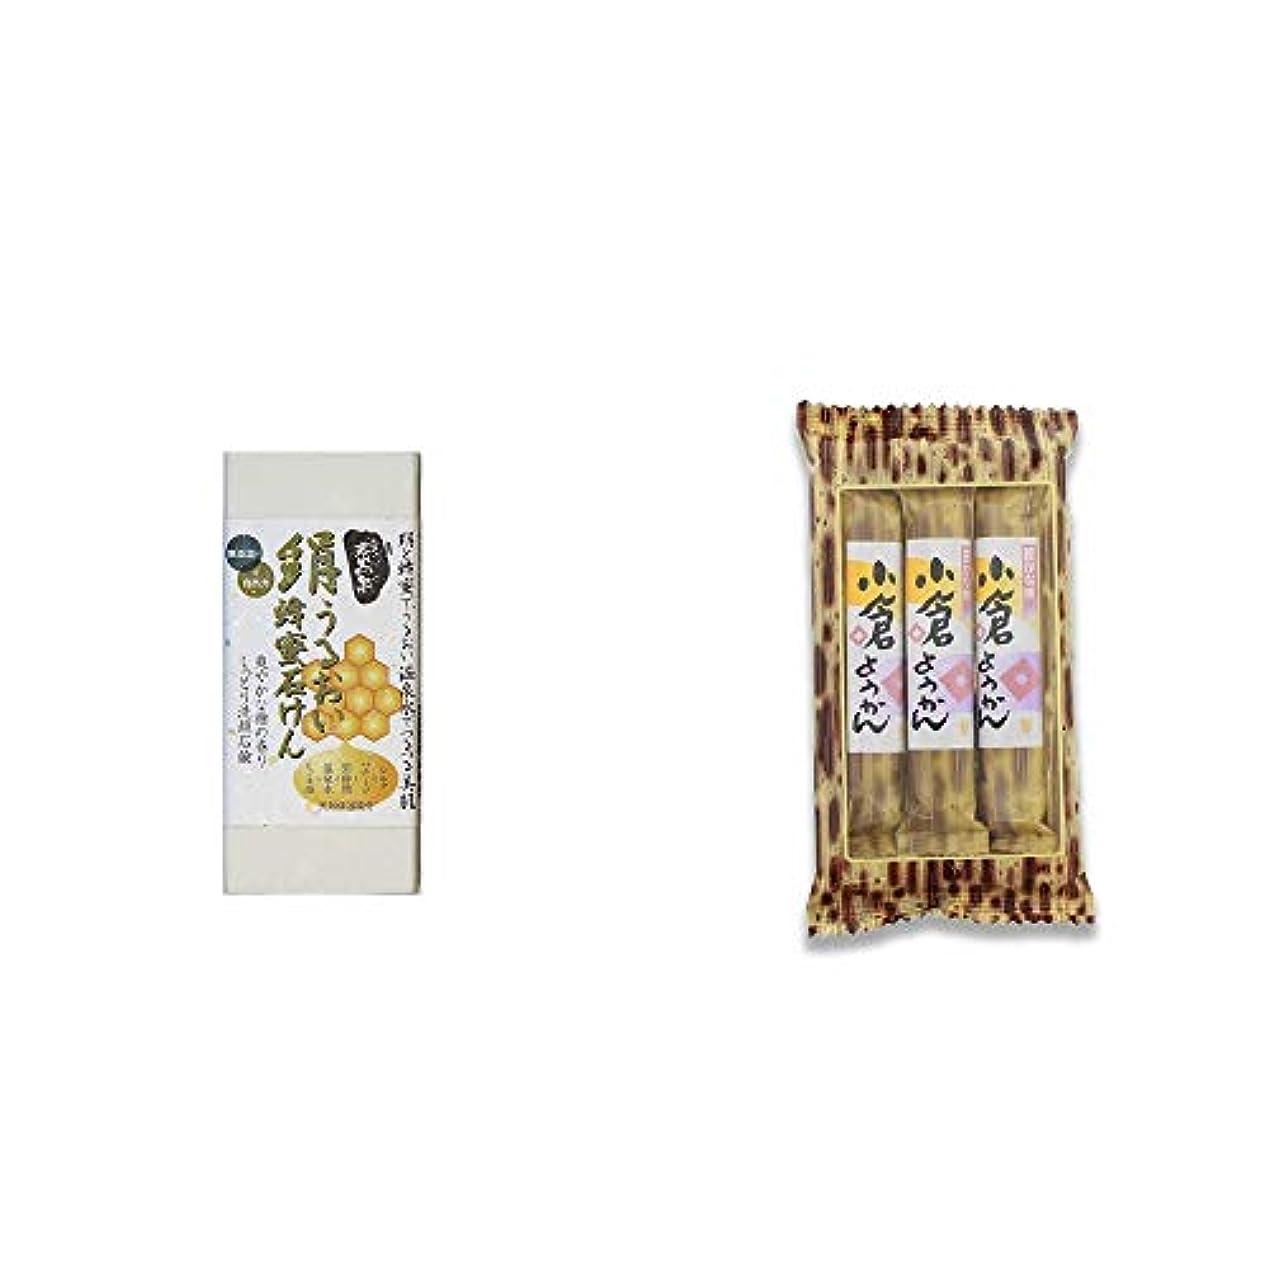 松明ペチュランス拳[2点セット] ひのき炭黒泉 絹うるおい蜂蜜石けん(75g×2)?スティックようかん[小倉](50g×3本)